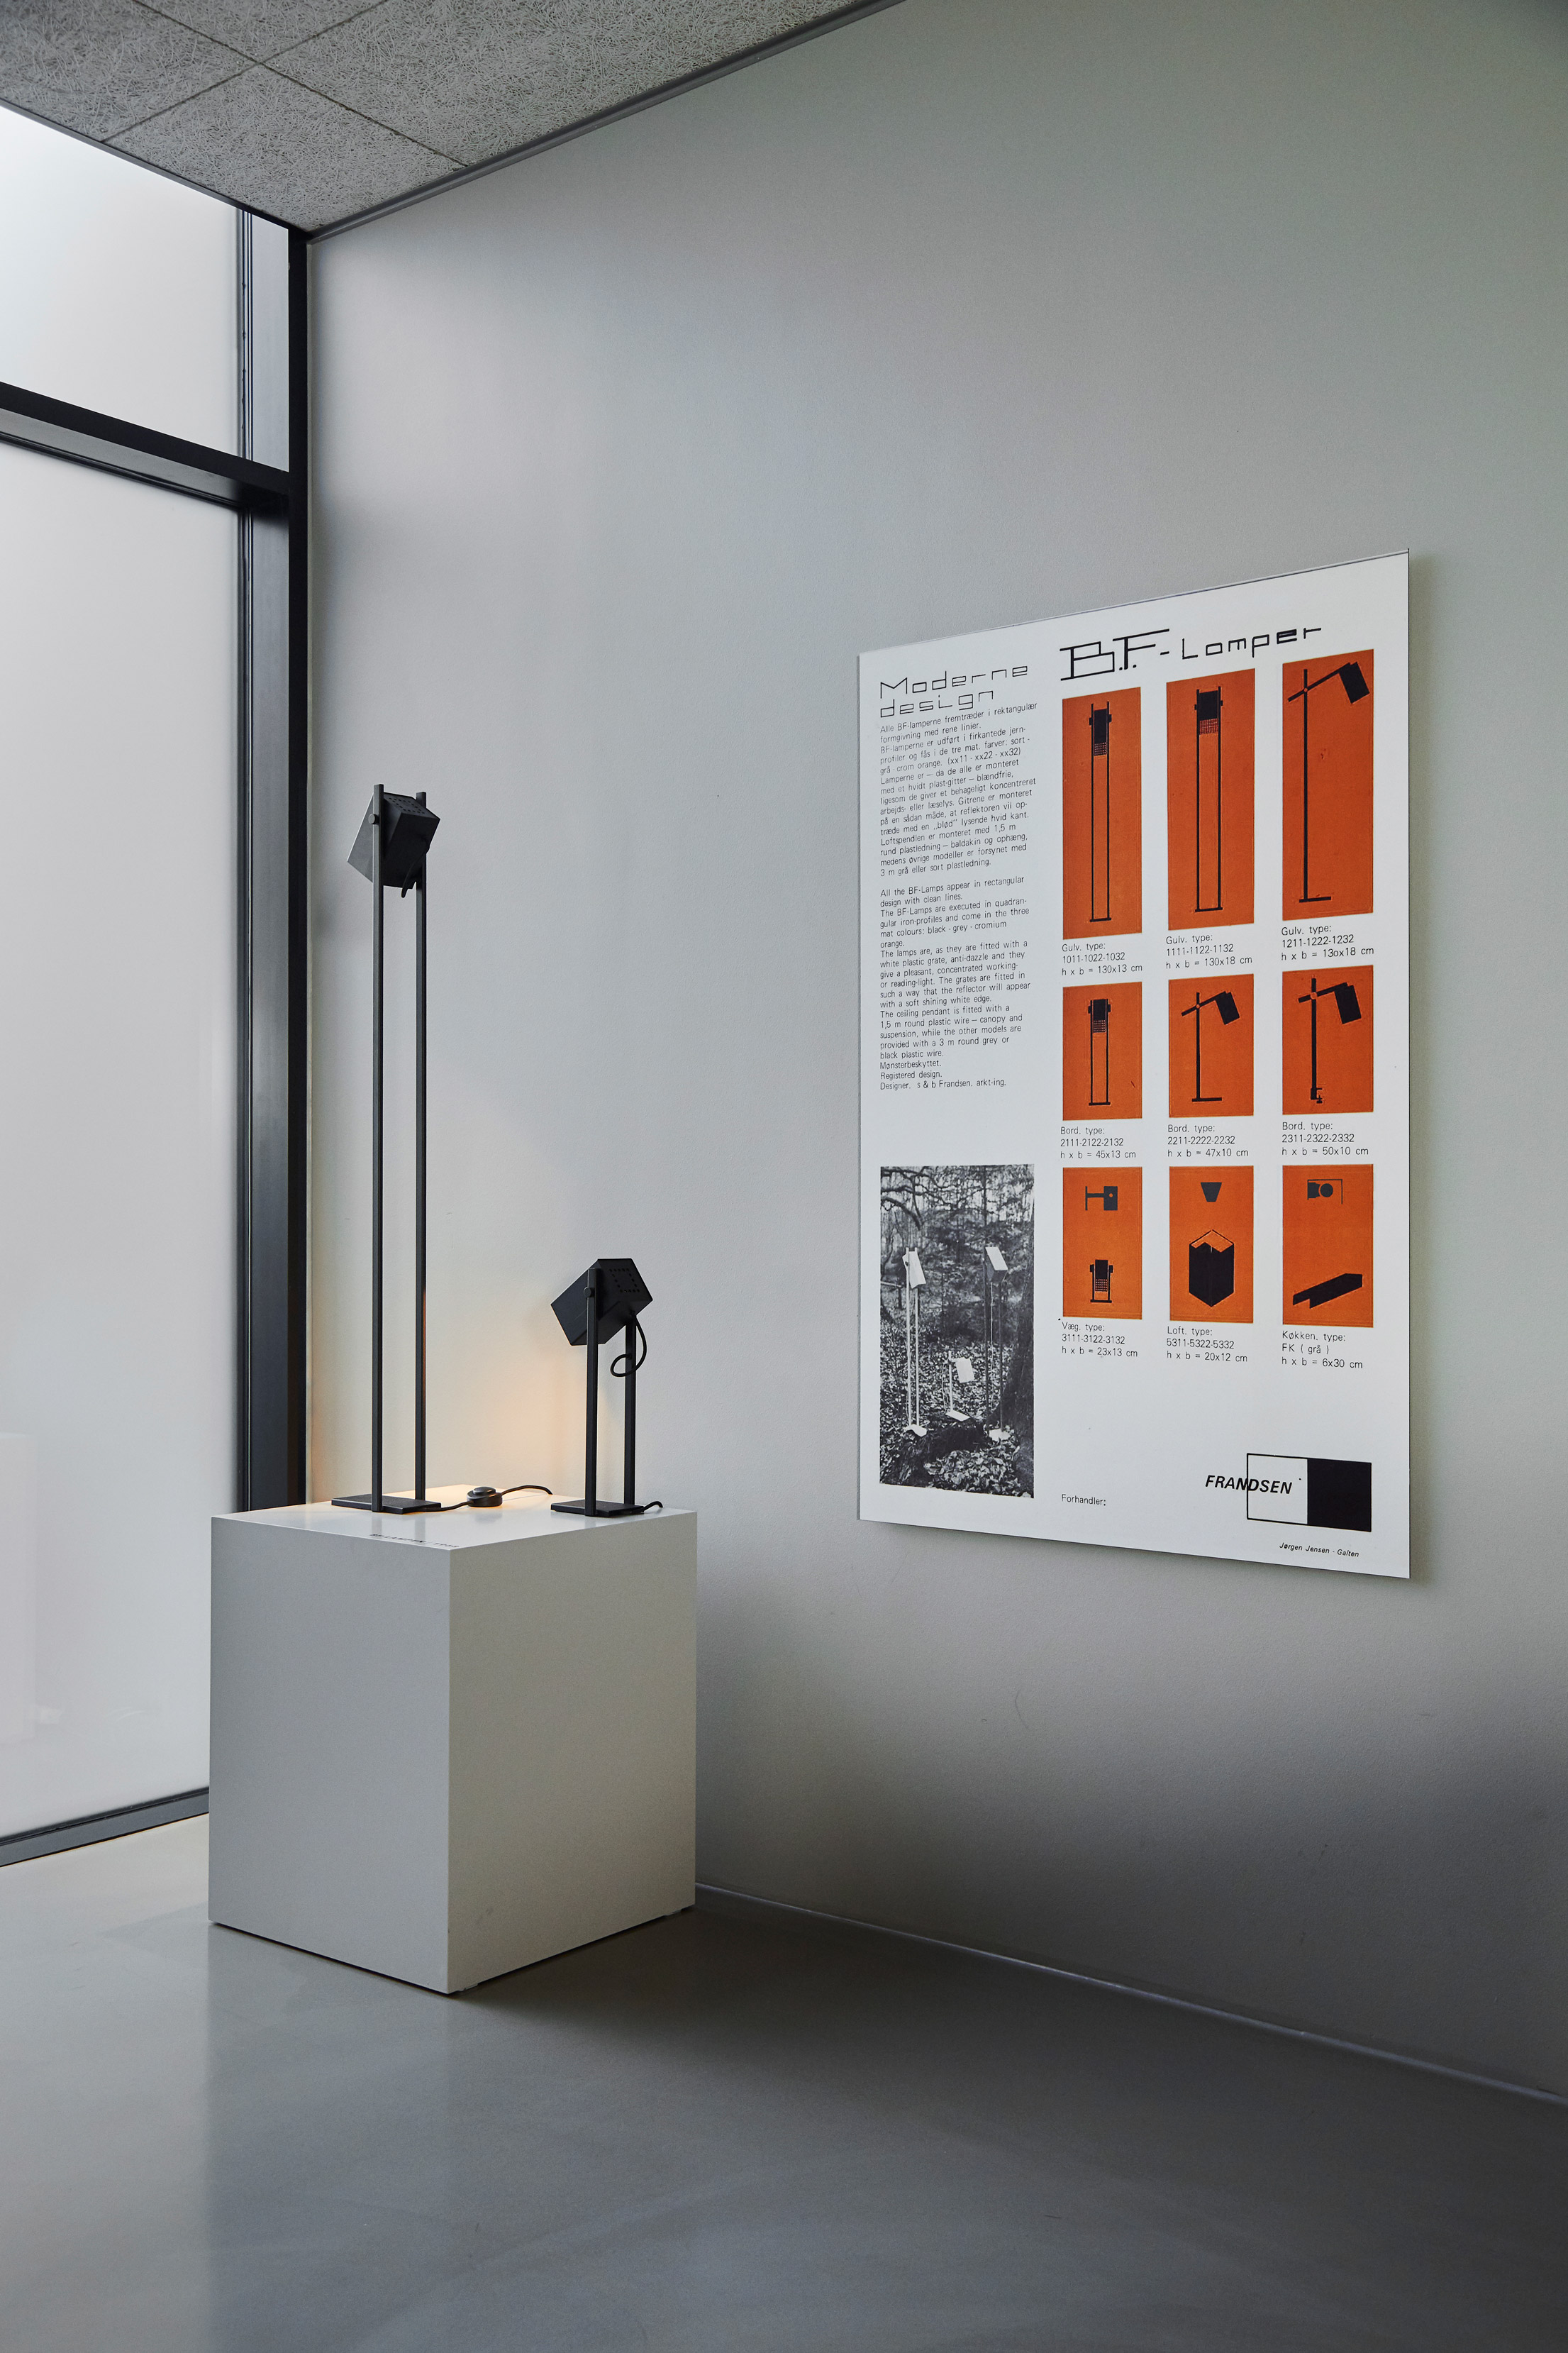 Frandsen-Lighting-19.06.26-interiør-og-eksteriør7933.jpg